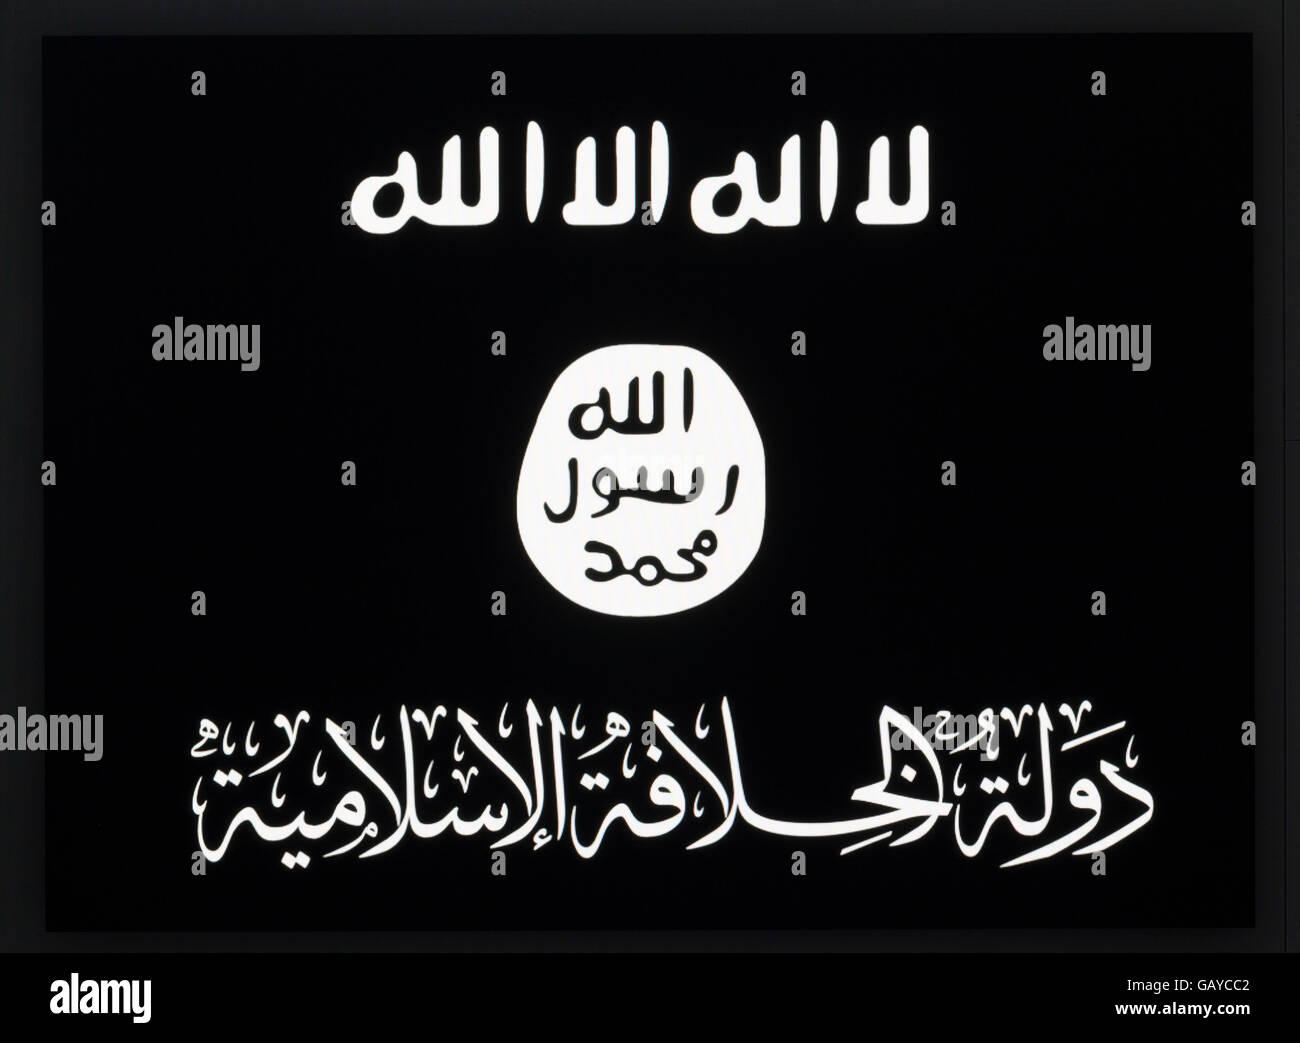 Isis propaganda online Imagen De Stock